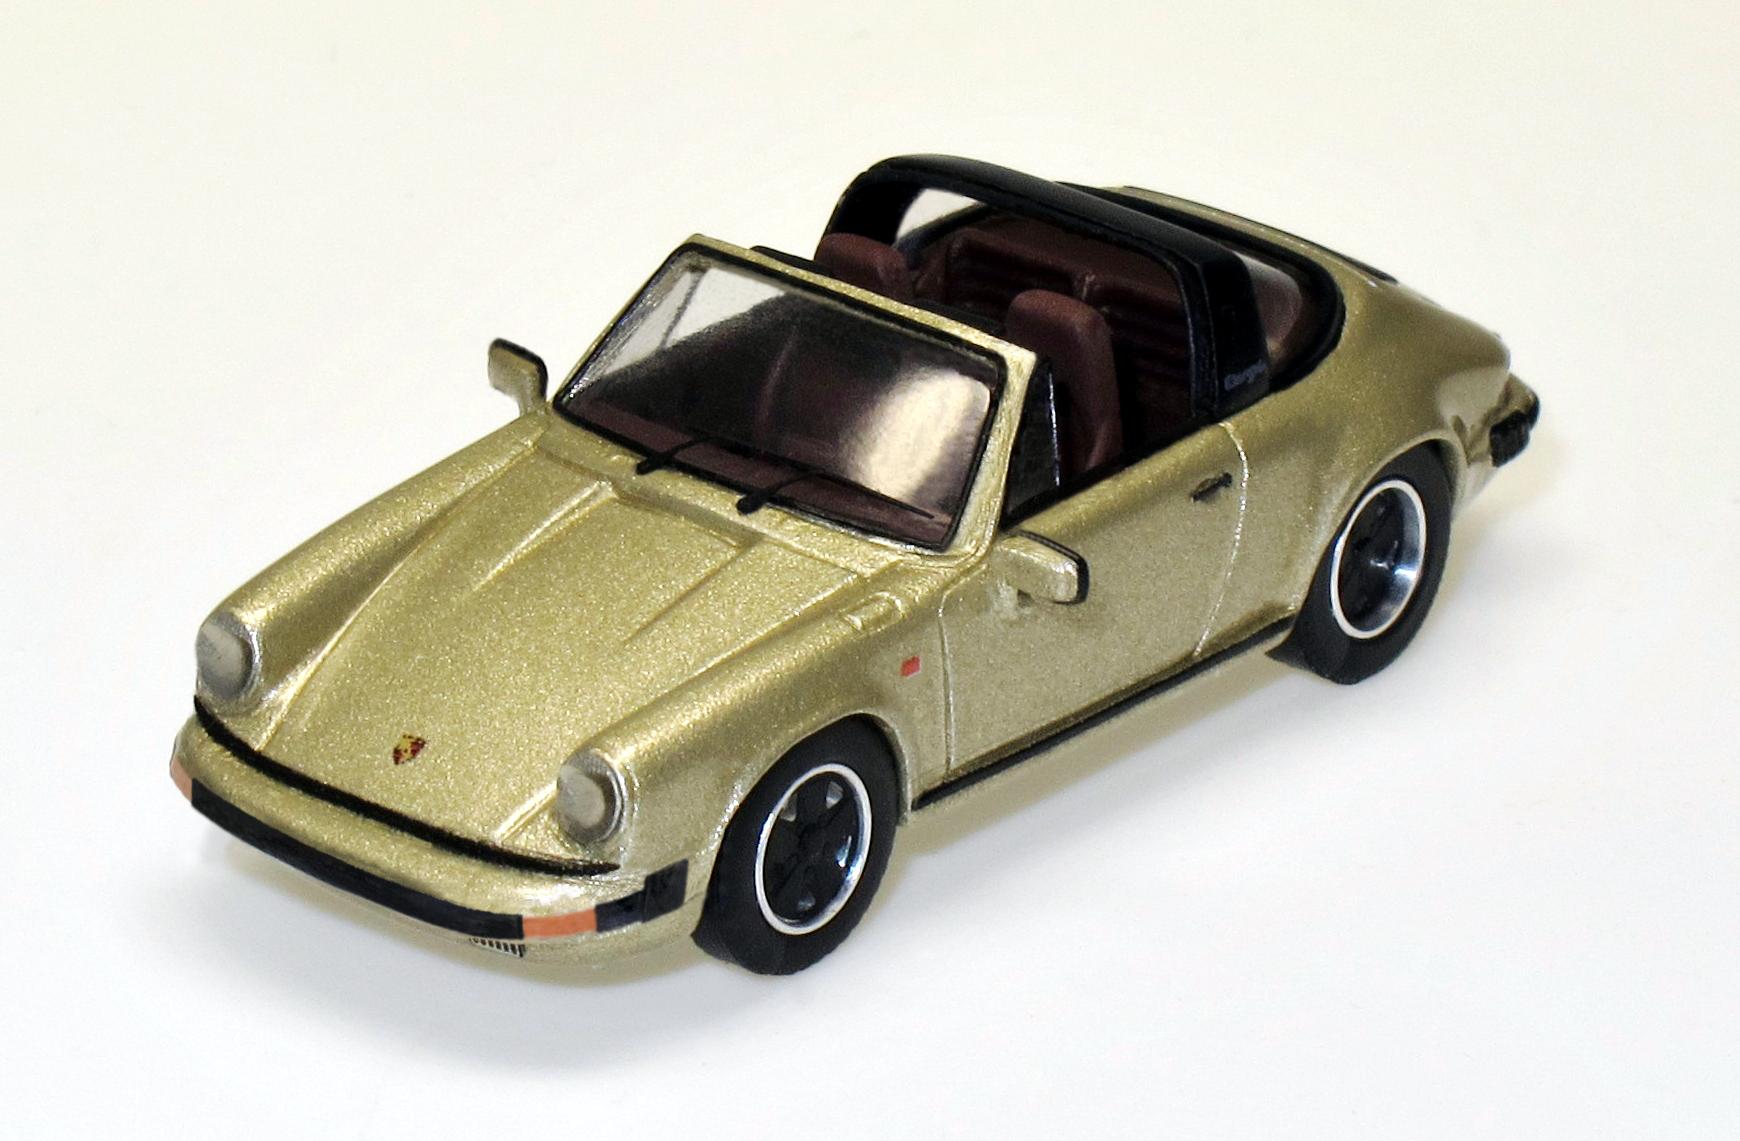 87083 Porsche 911 Carrera targa